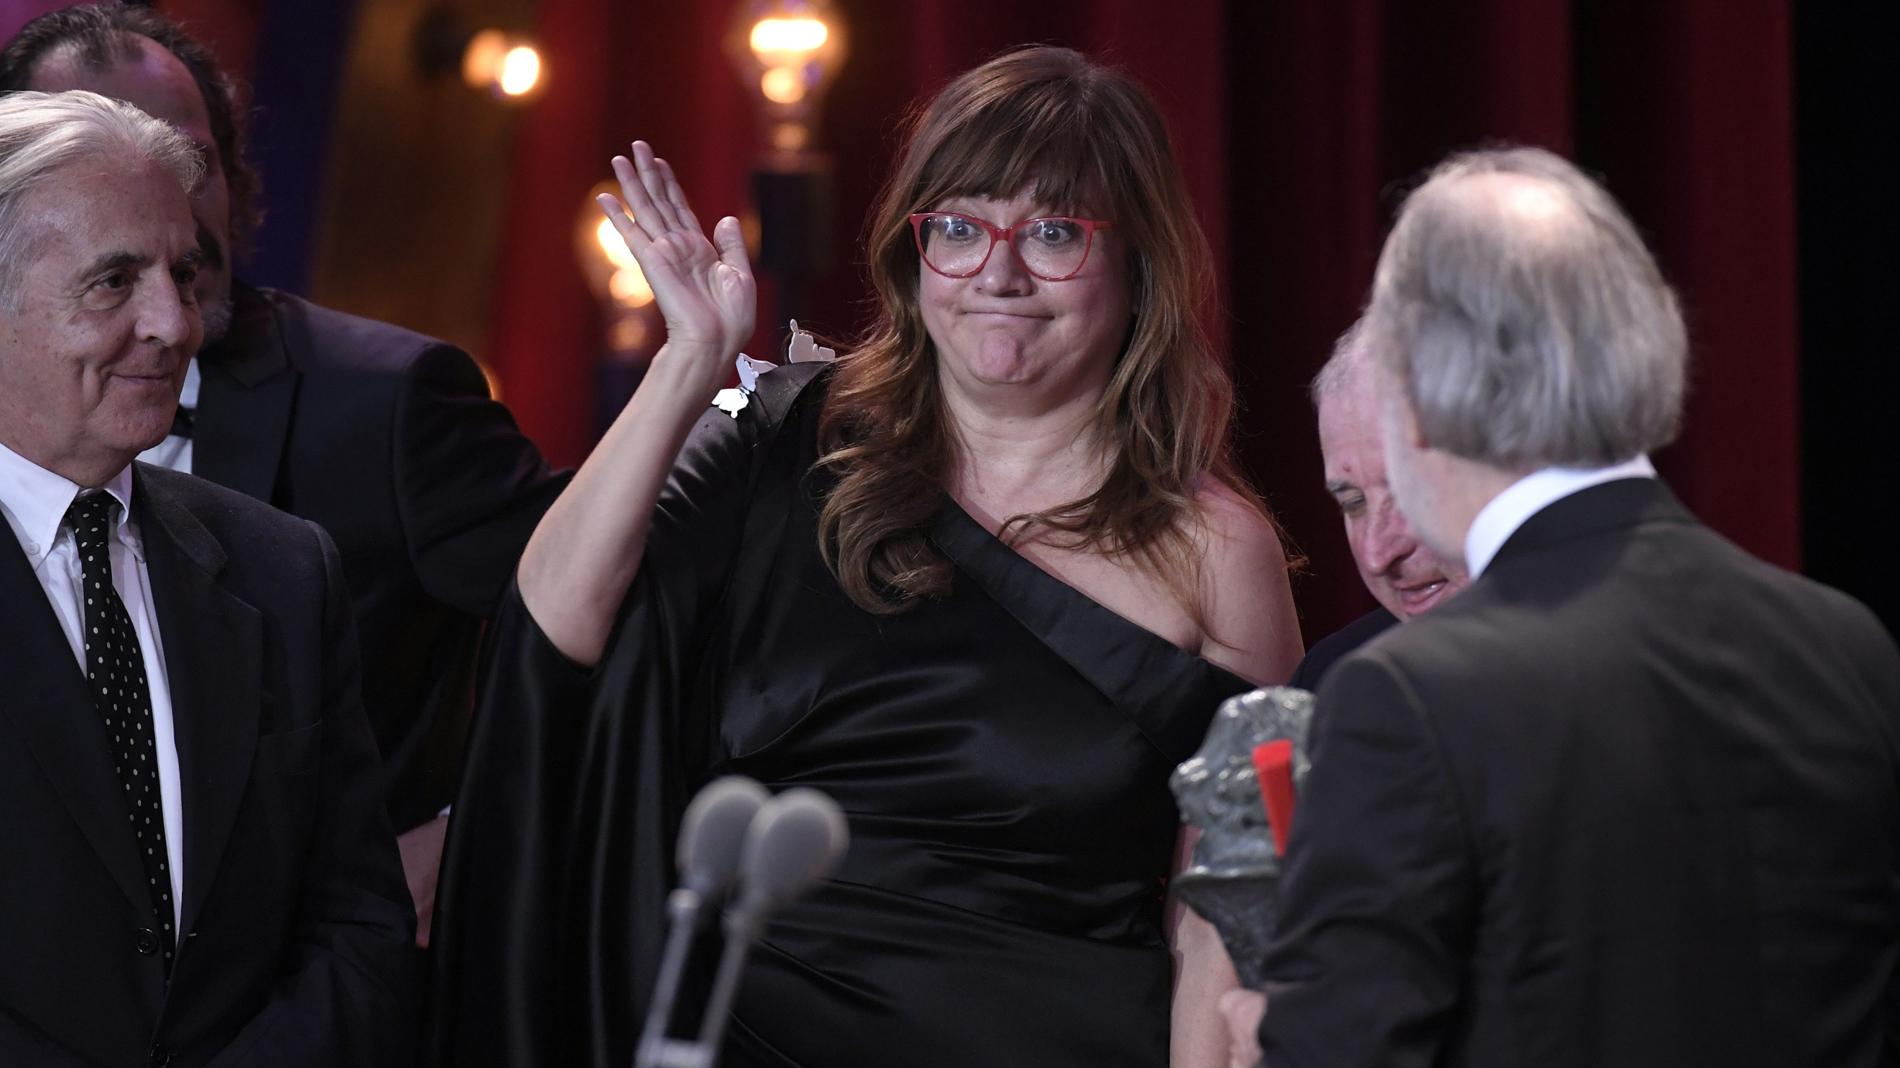 'La librería' de Isabel Coixet, gana el Goya 2018 a la mejor película